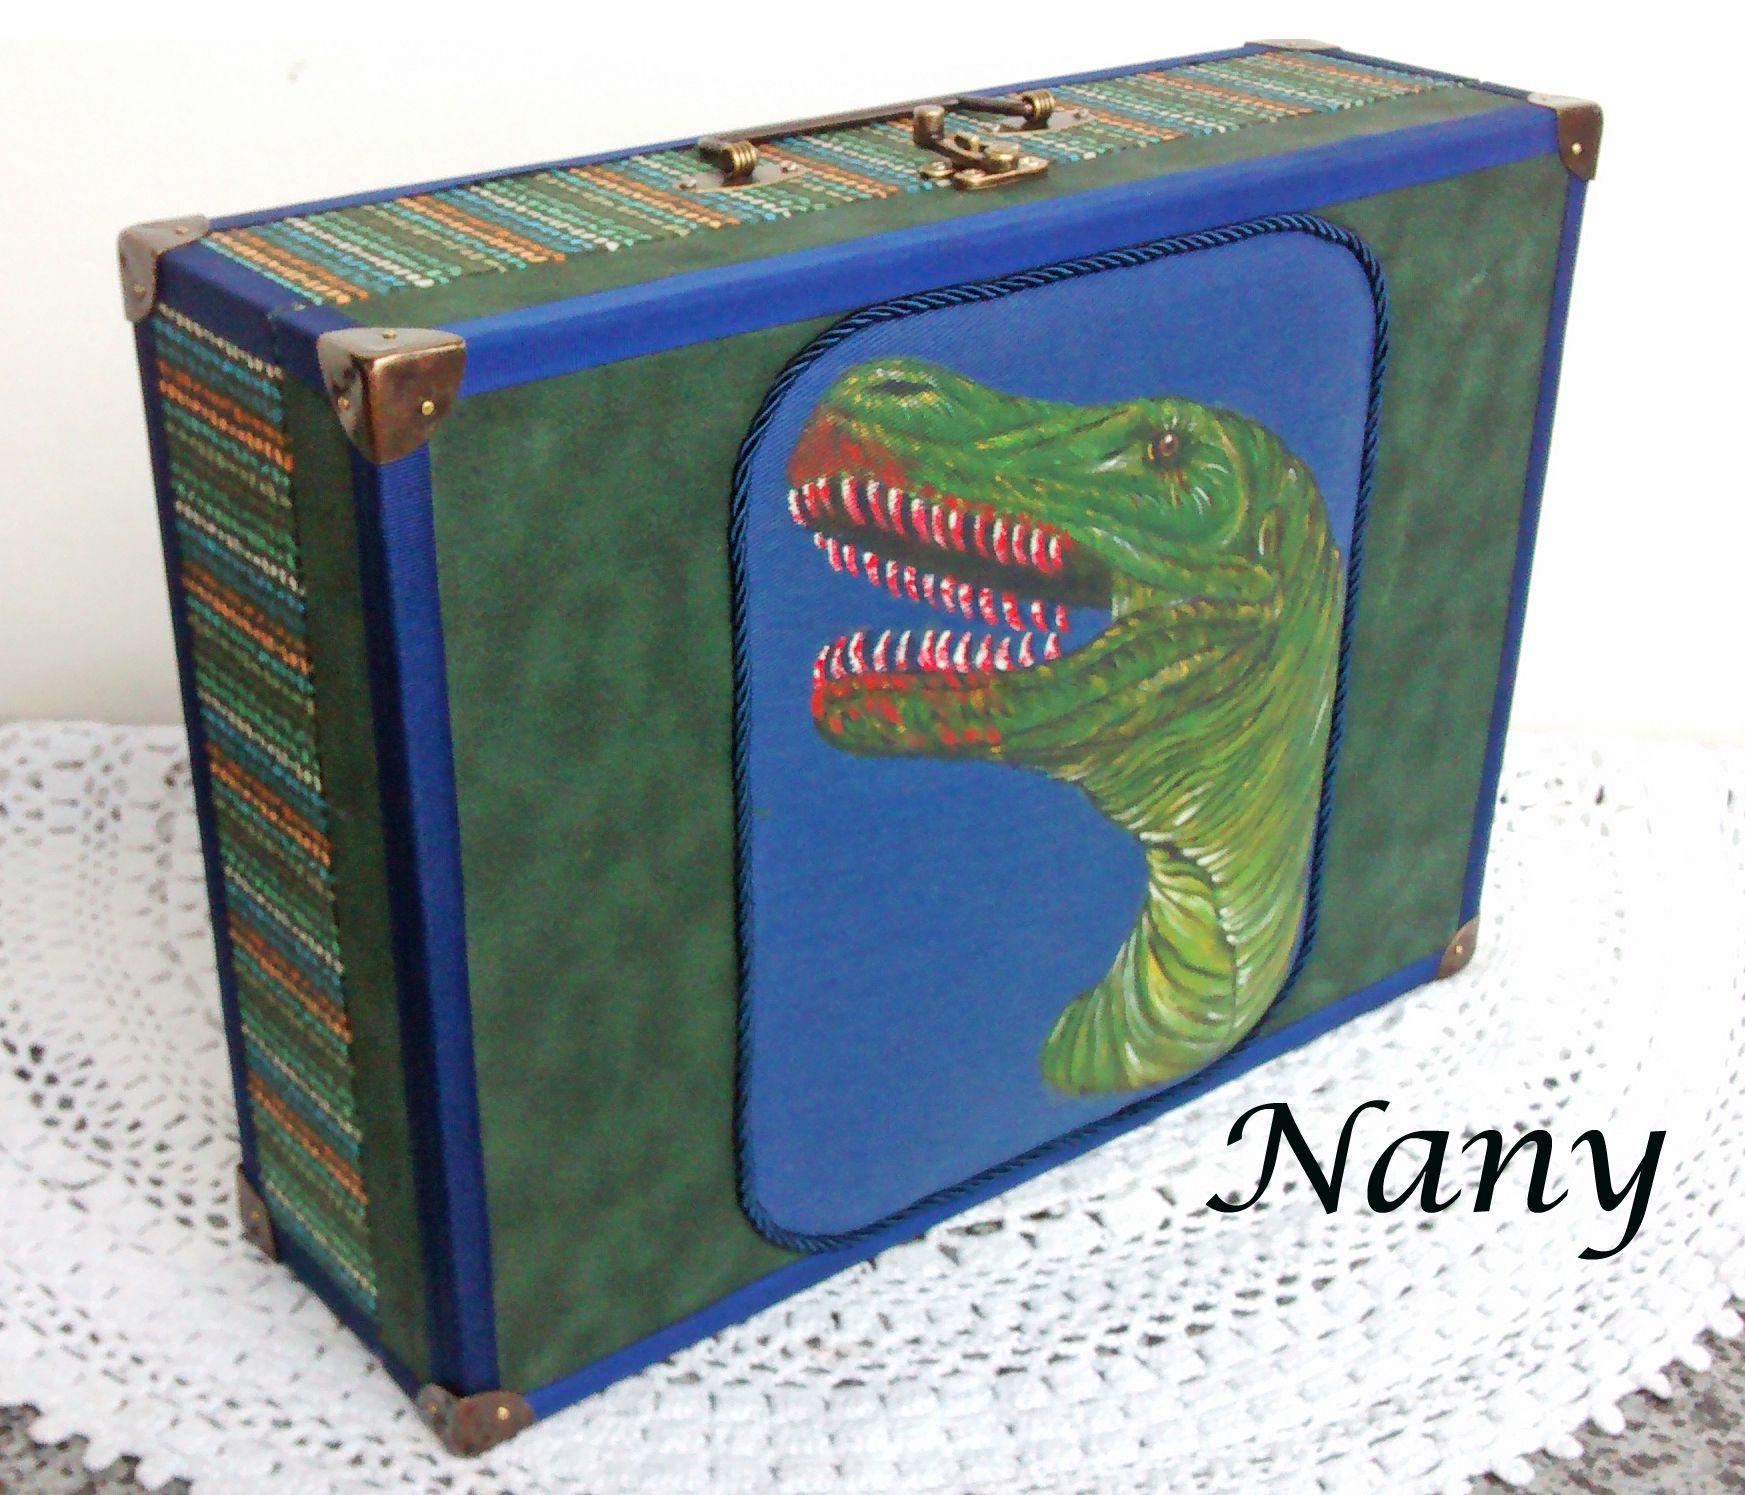 Para os apaixonados por dinossauros, uma maleta toda revestida em tecido, com o medalhão de dinossauro pintado a mão.